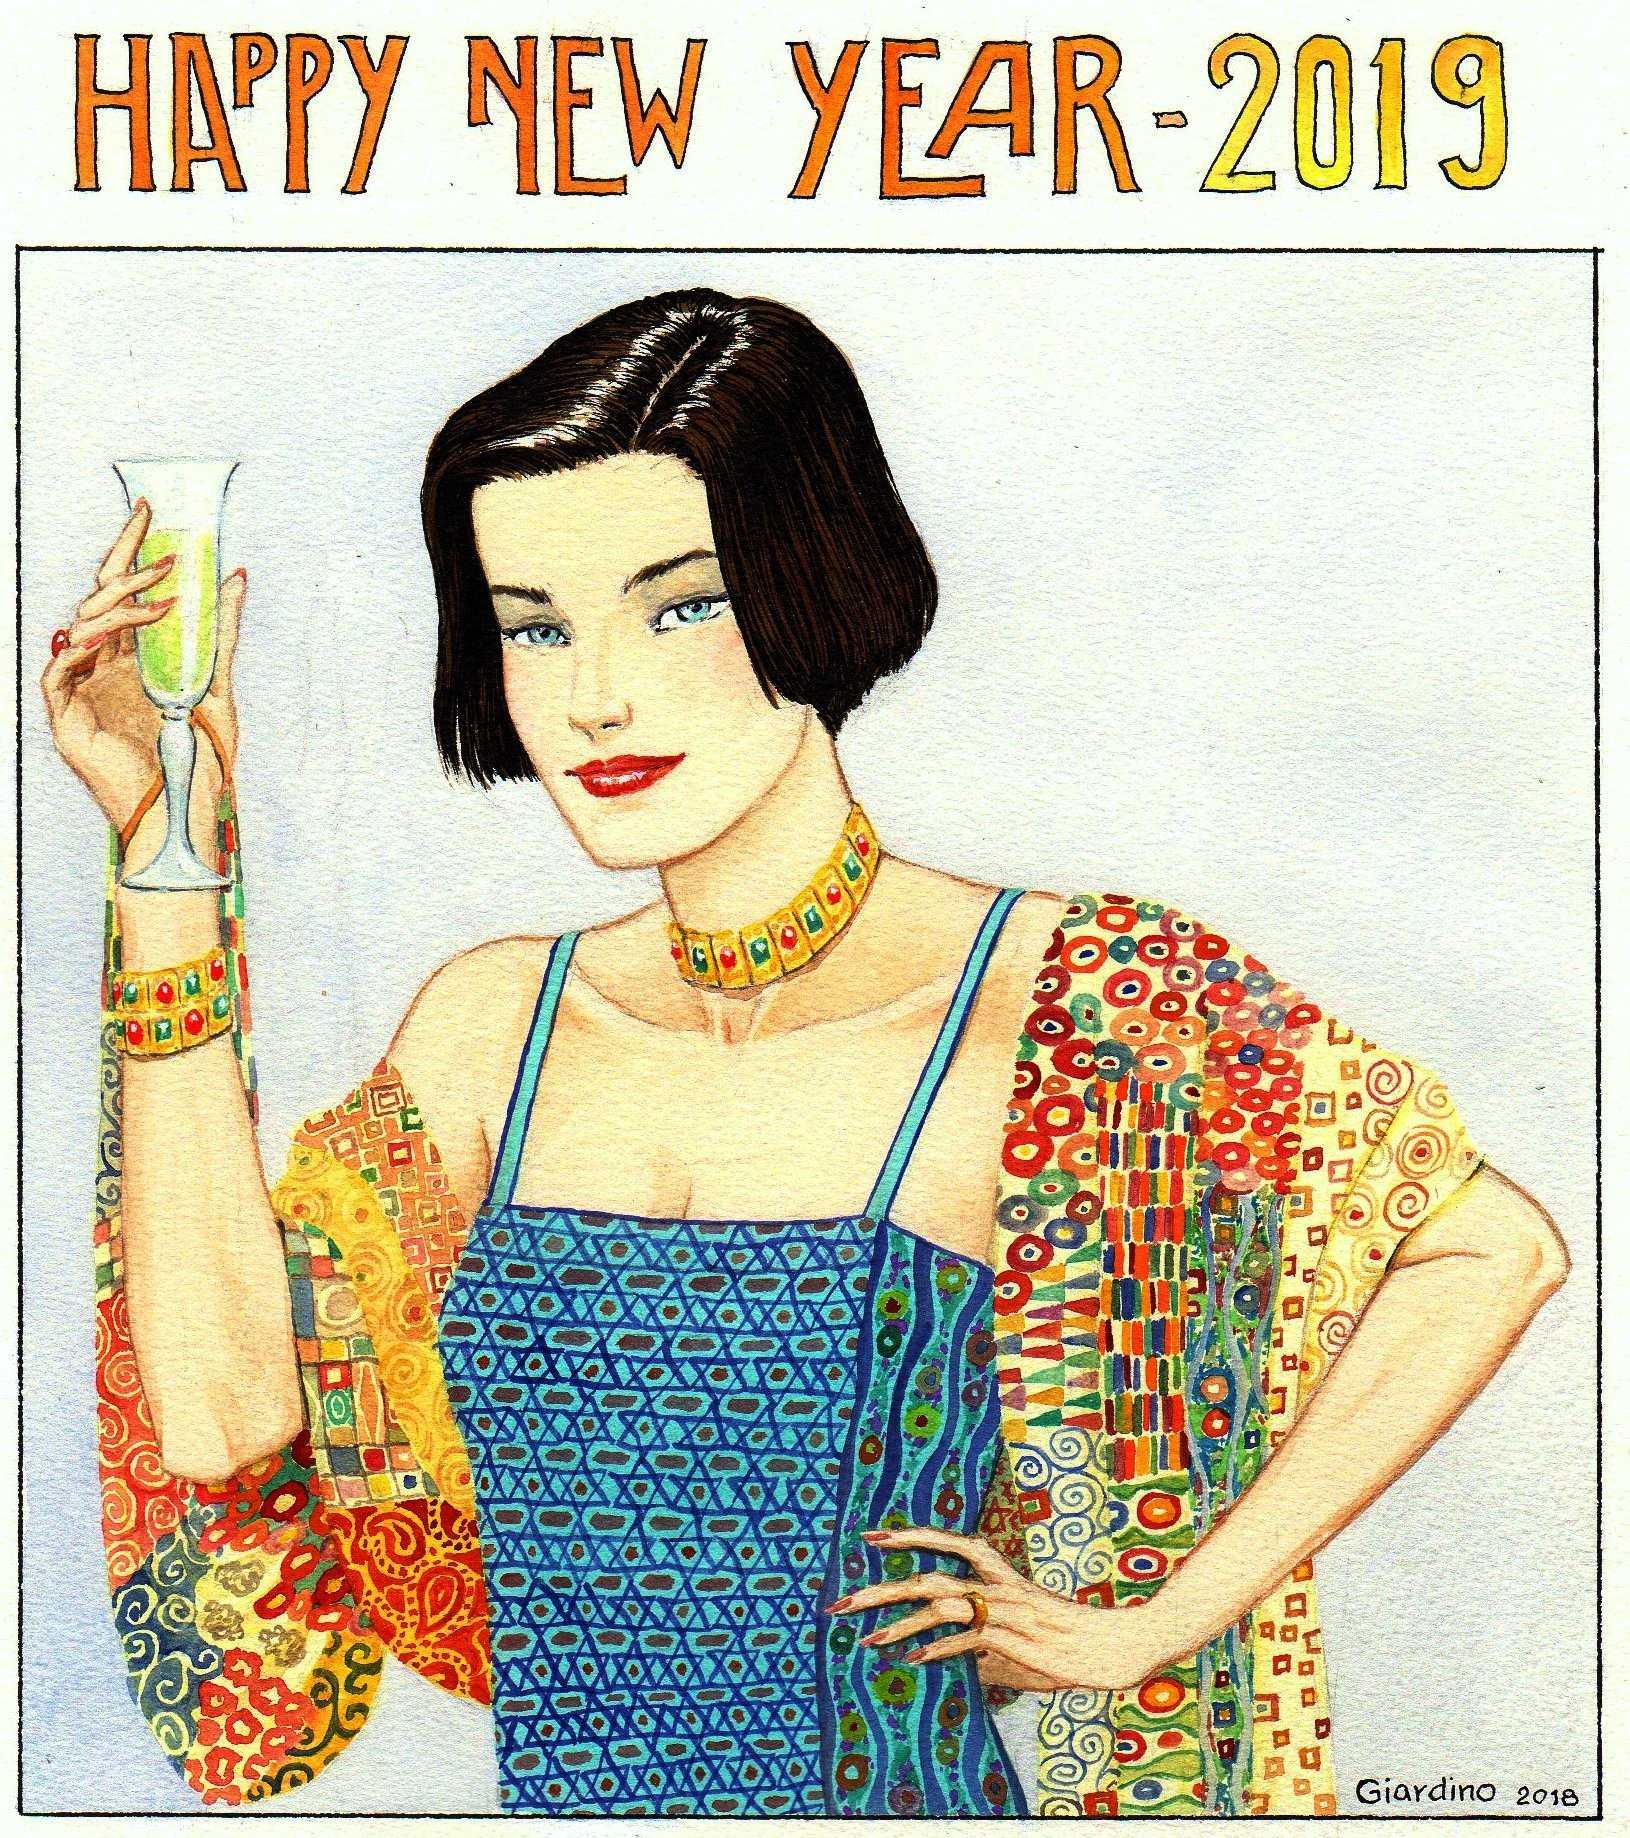 Giardino vous souhaite une très bonne année 2019 et Ligne Claire vous présente ses meilleurs vœux